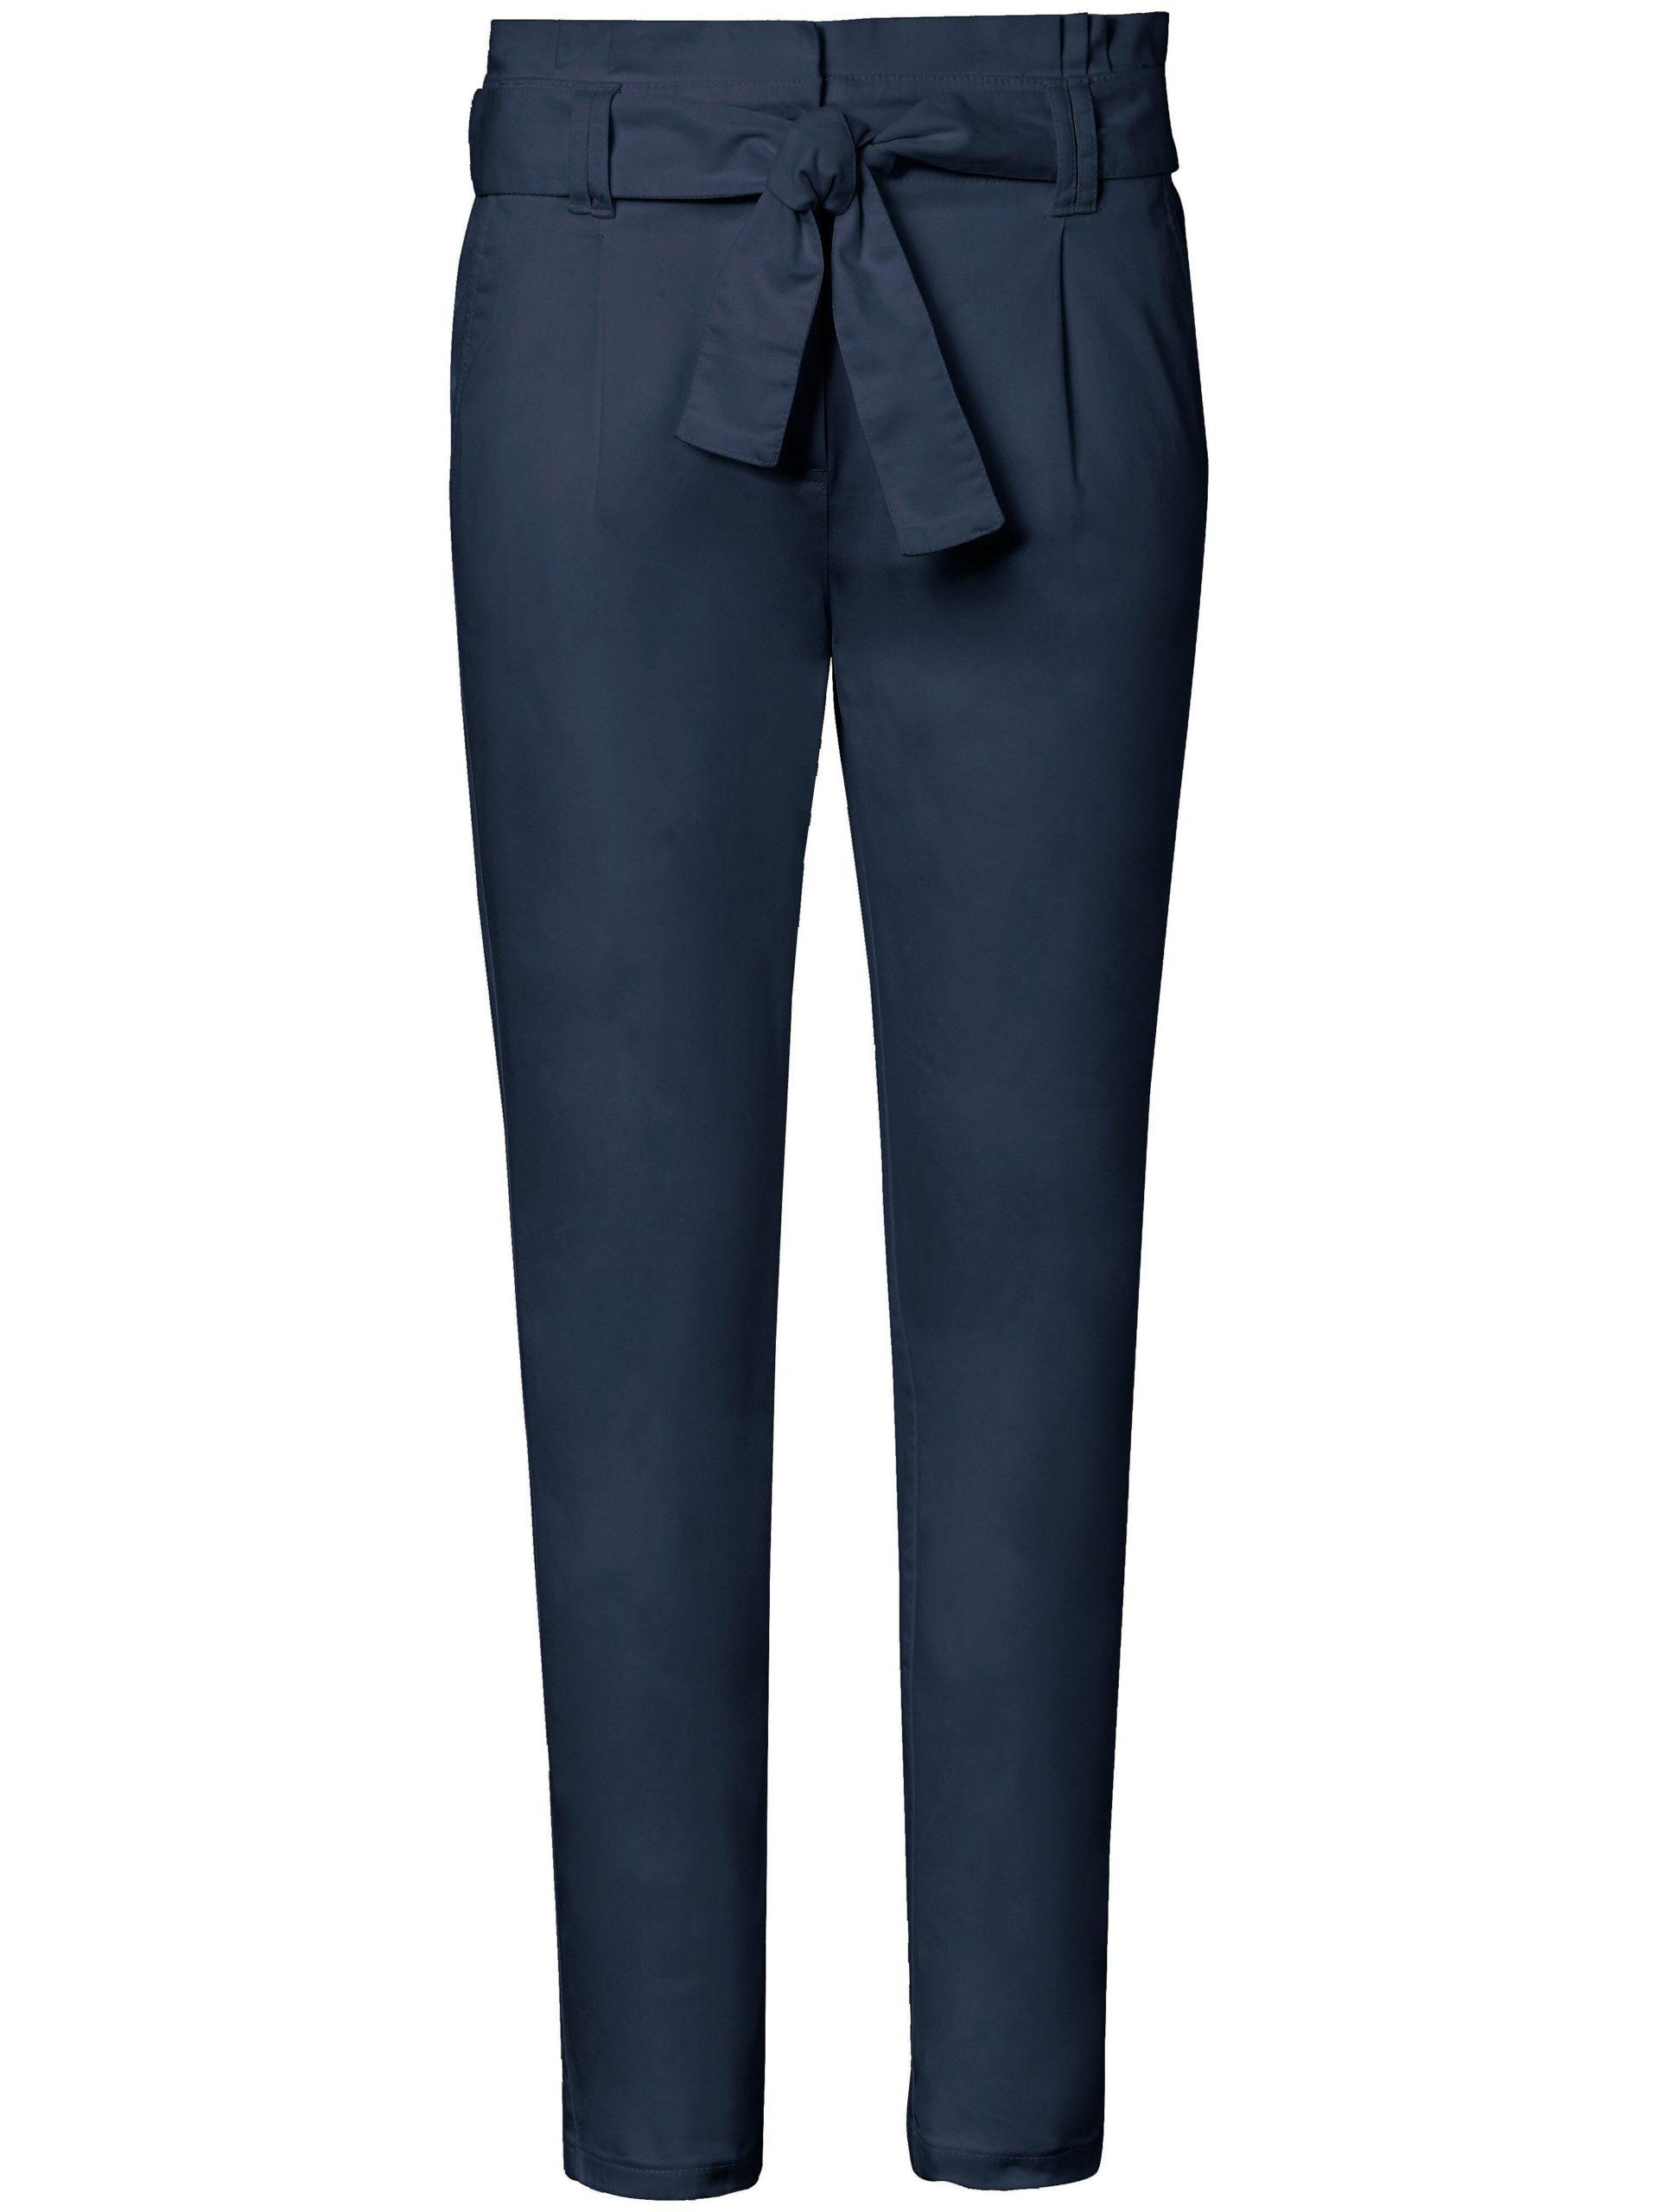 Enkellange broek pasvorm Barbara Van MYBC blauw Kopen